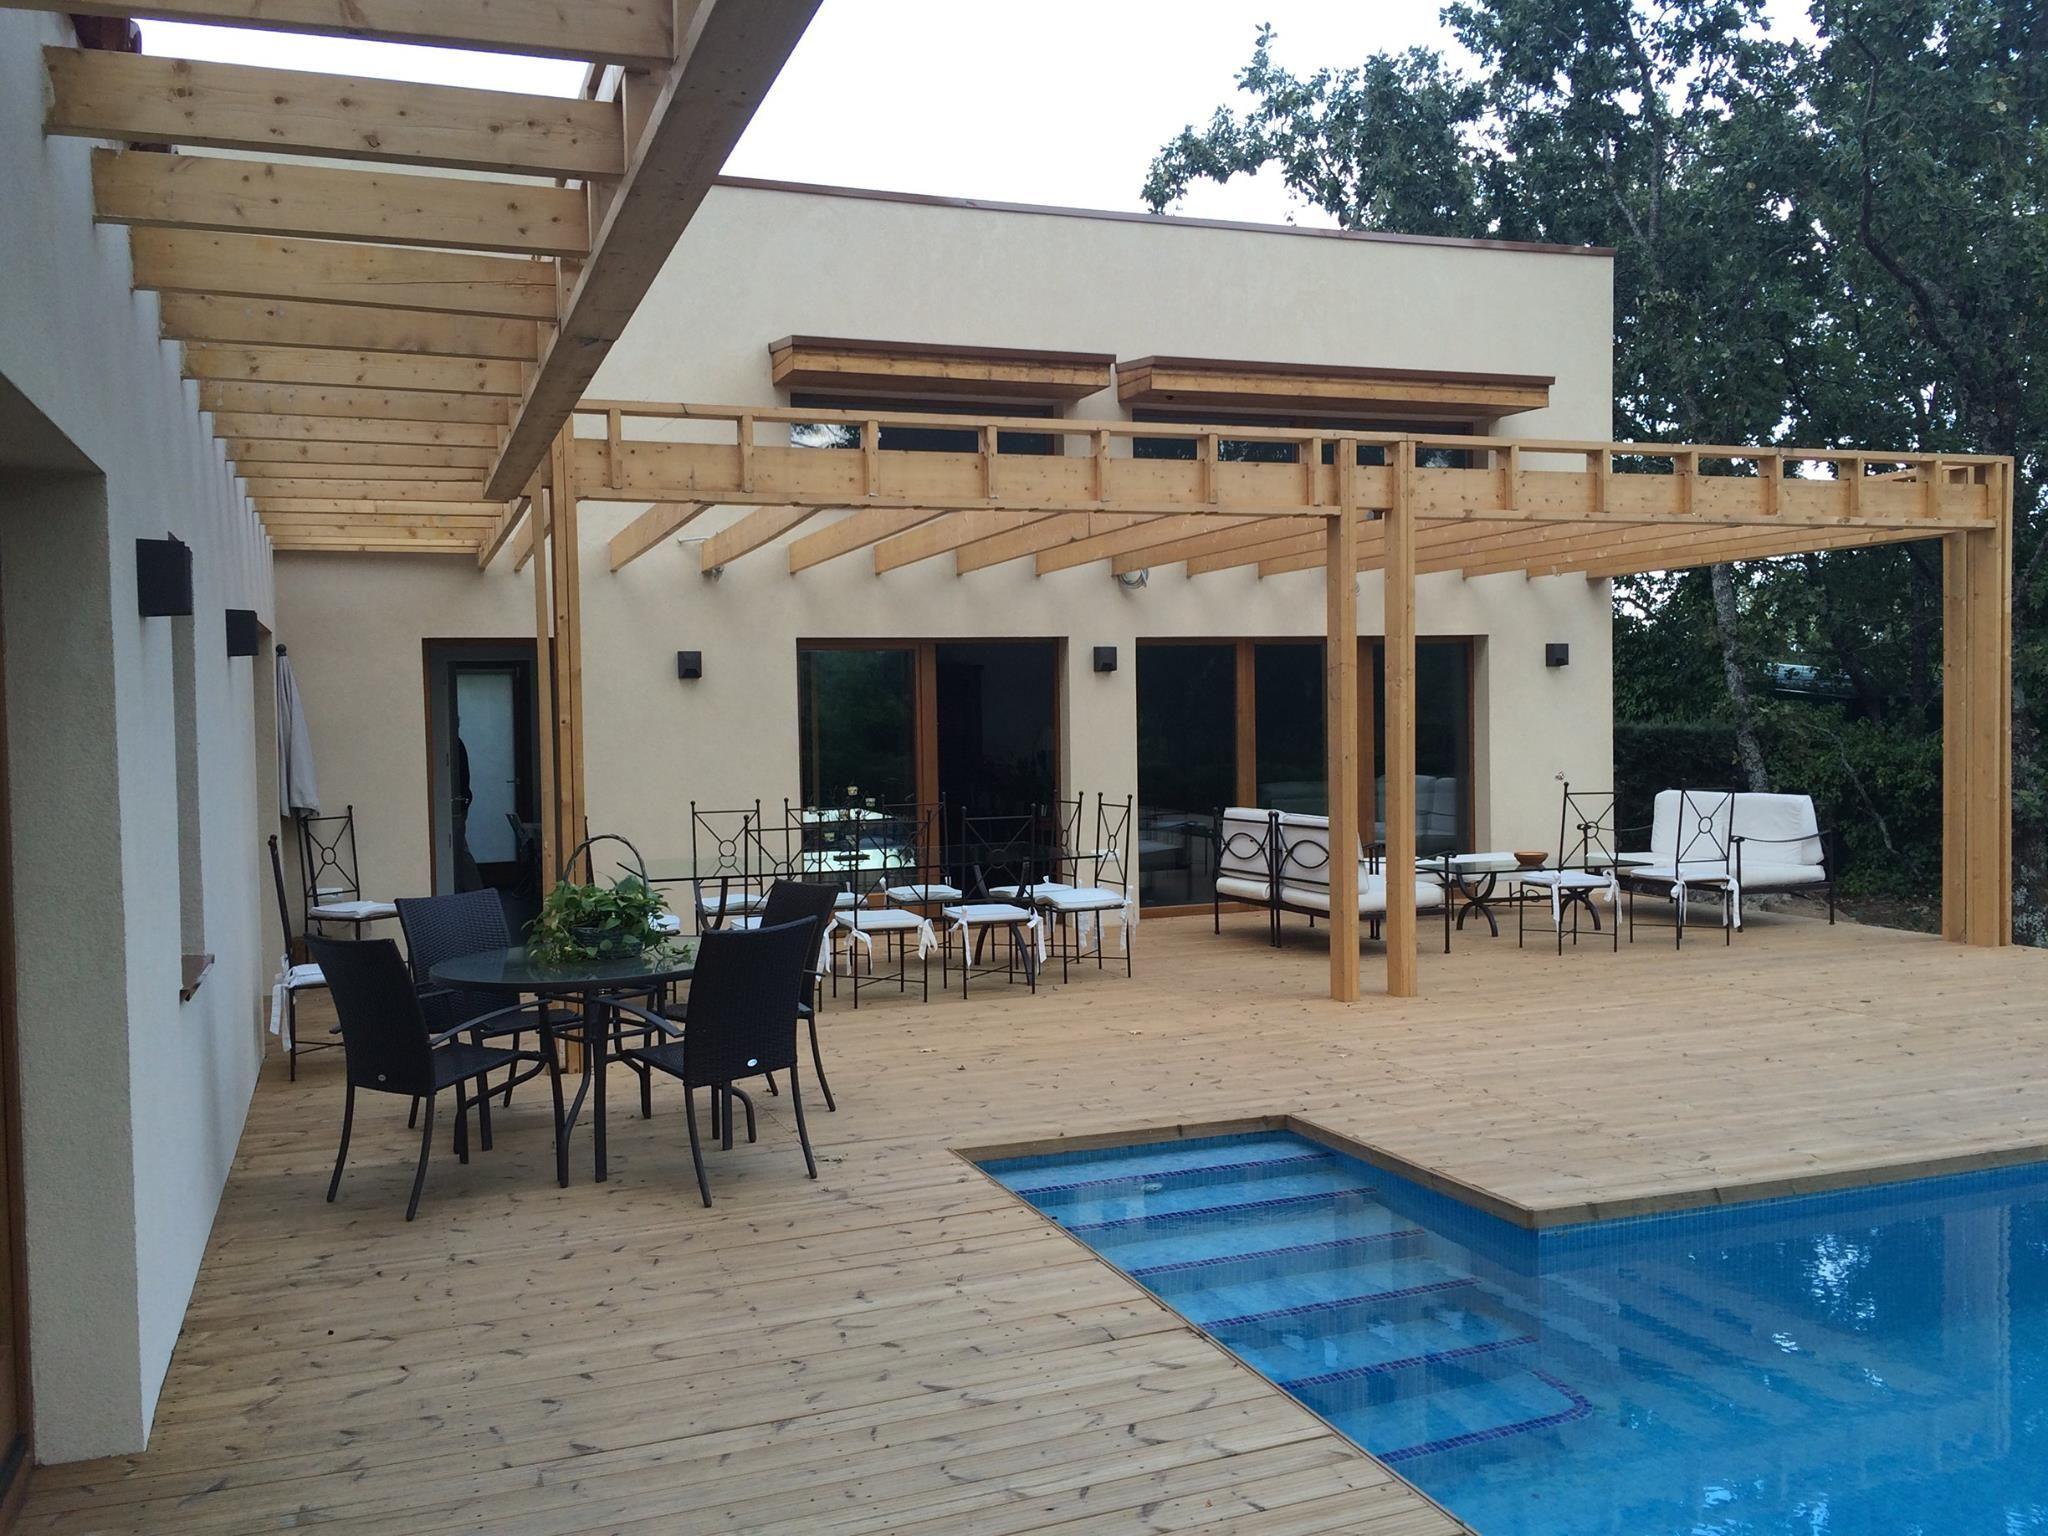 casa moderna con estructura de madera de pino nórdico Kuusamo, en el ...